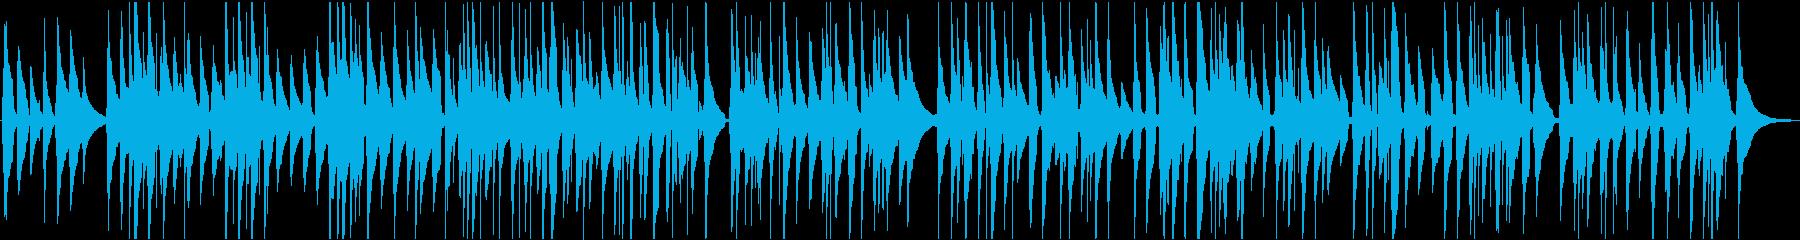 ウクレレのゆったりリラックスした曲の再生済みの波形